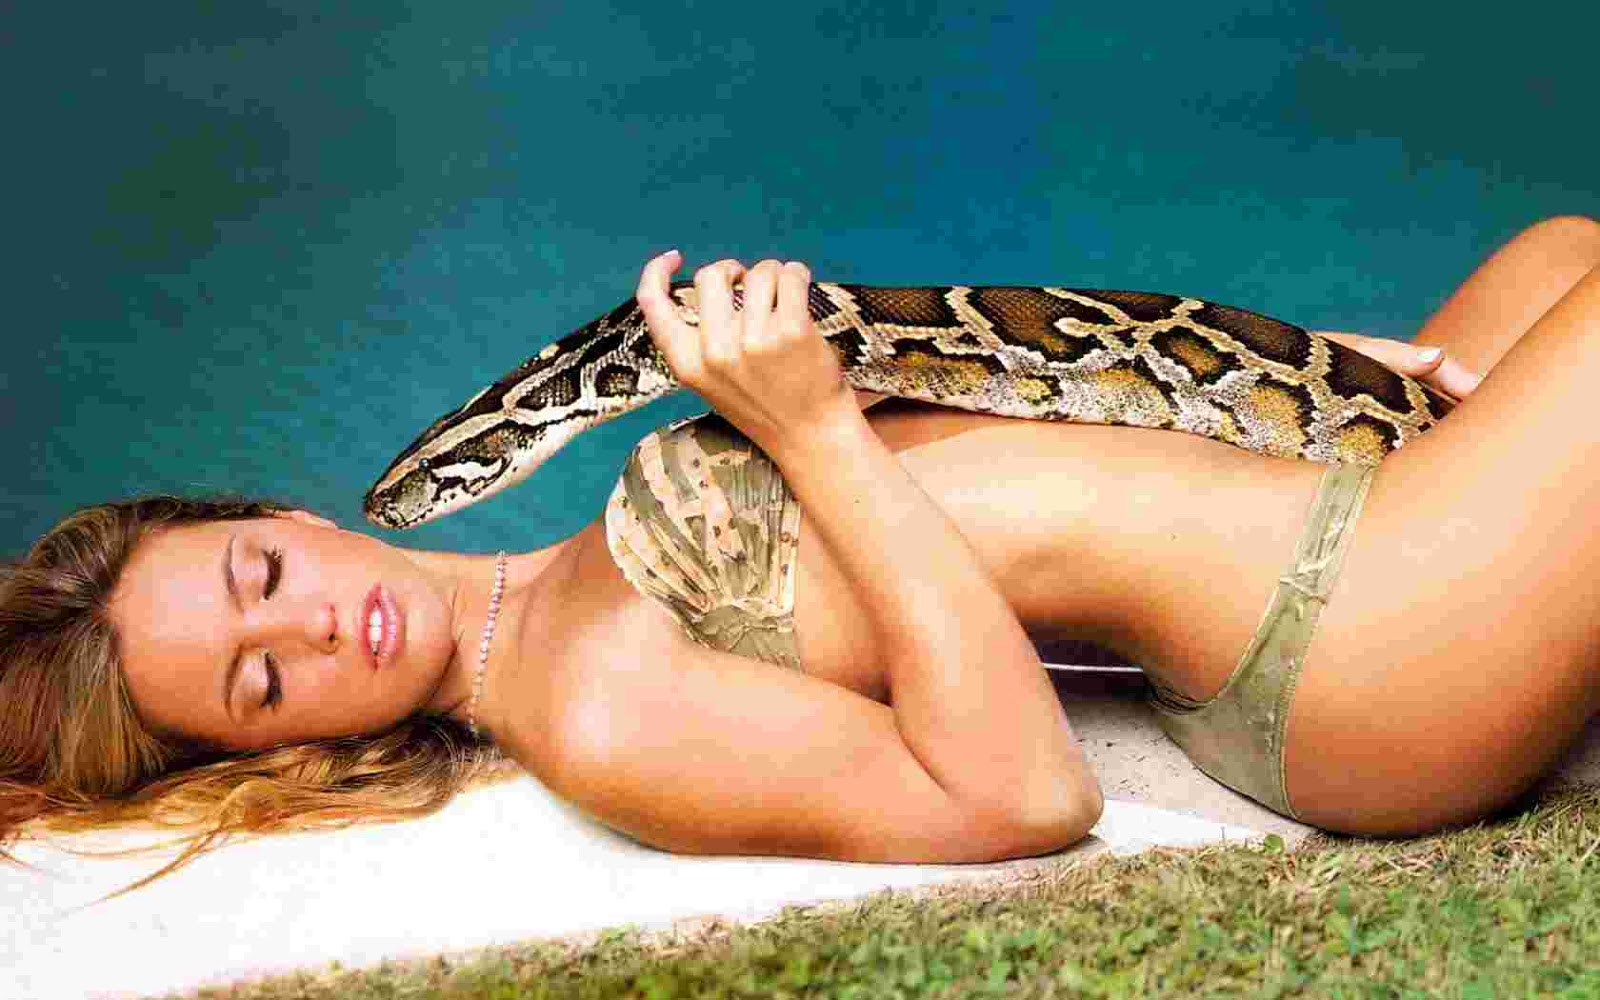 Girl Snake Porn